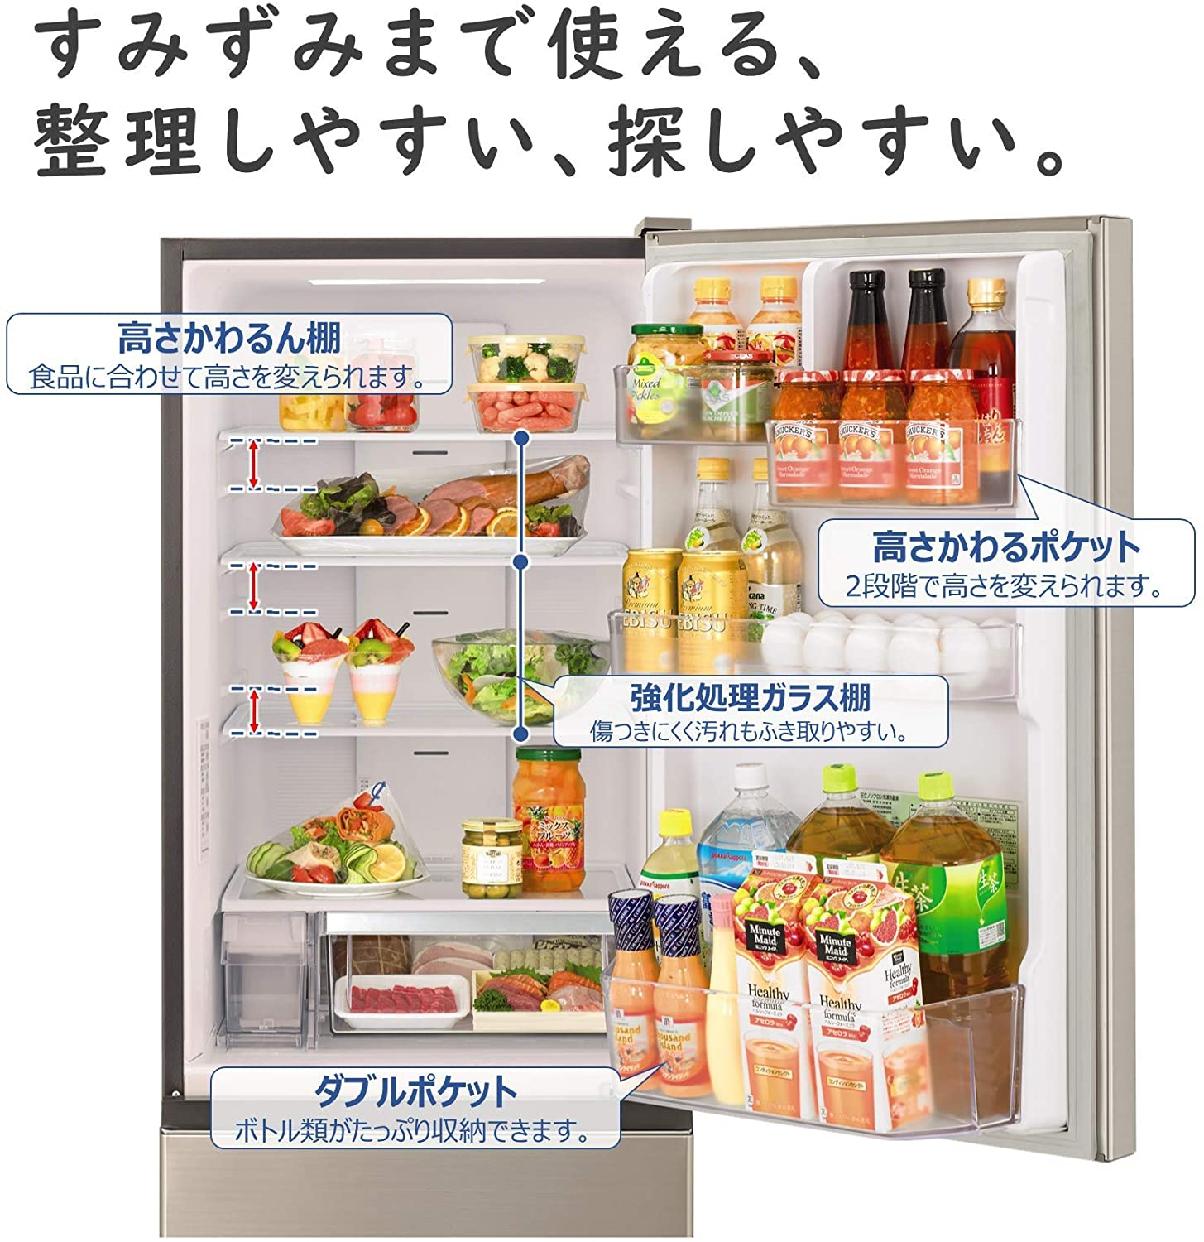 日立(ひたち)片開き3ドア Vタイプ/まんなか野菜 R-V32KVの商品画像5